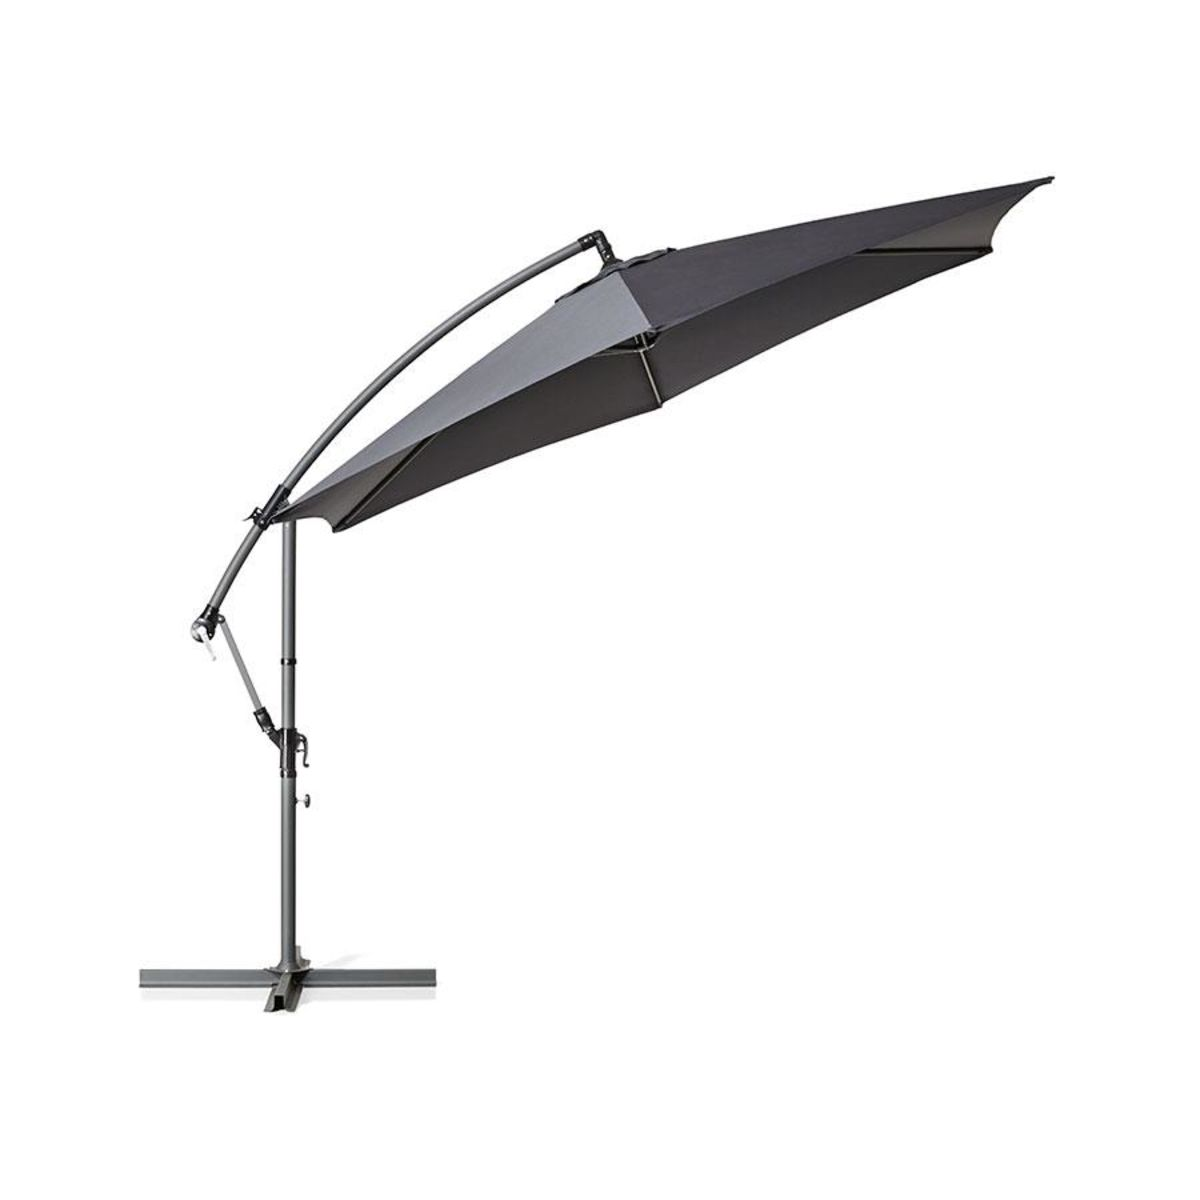 Cantilever Umbrella 3 Metre Kmart